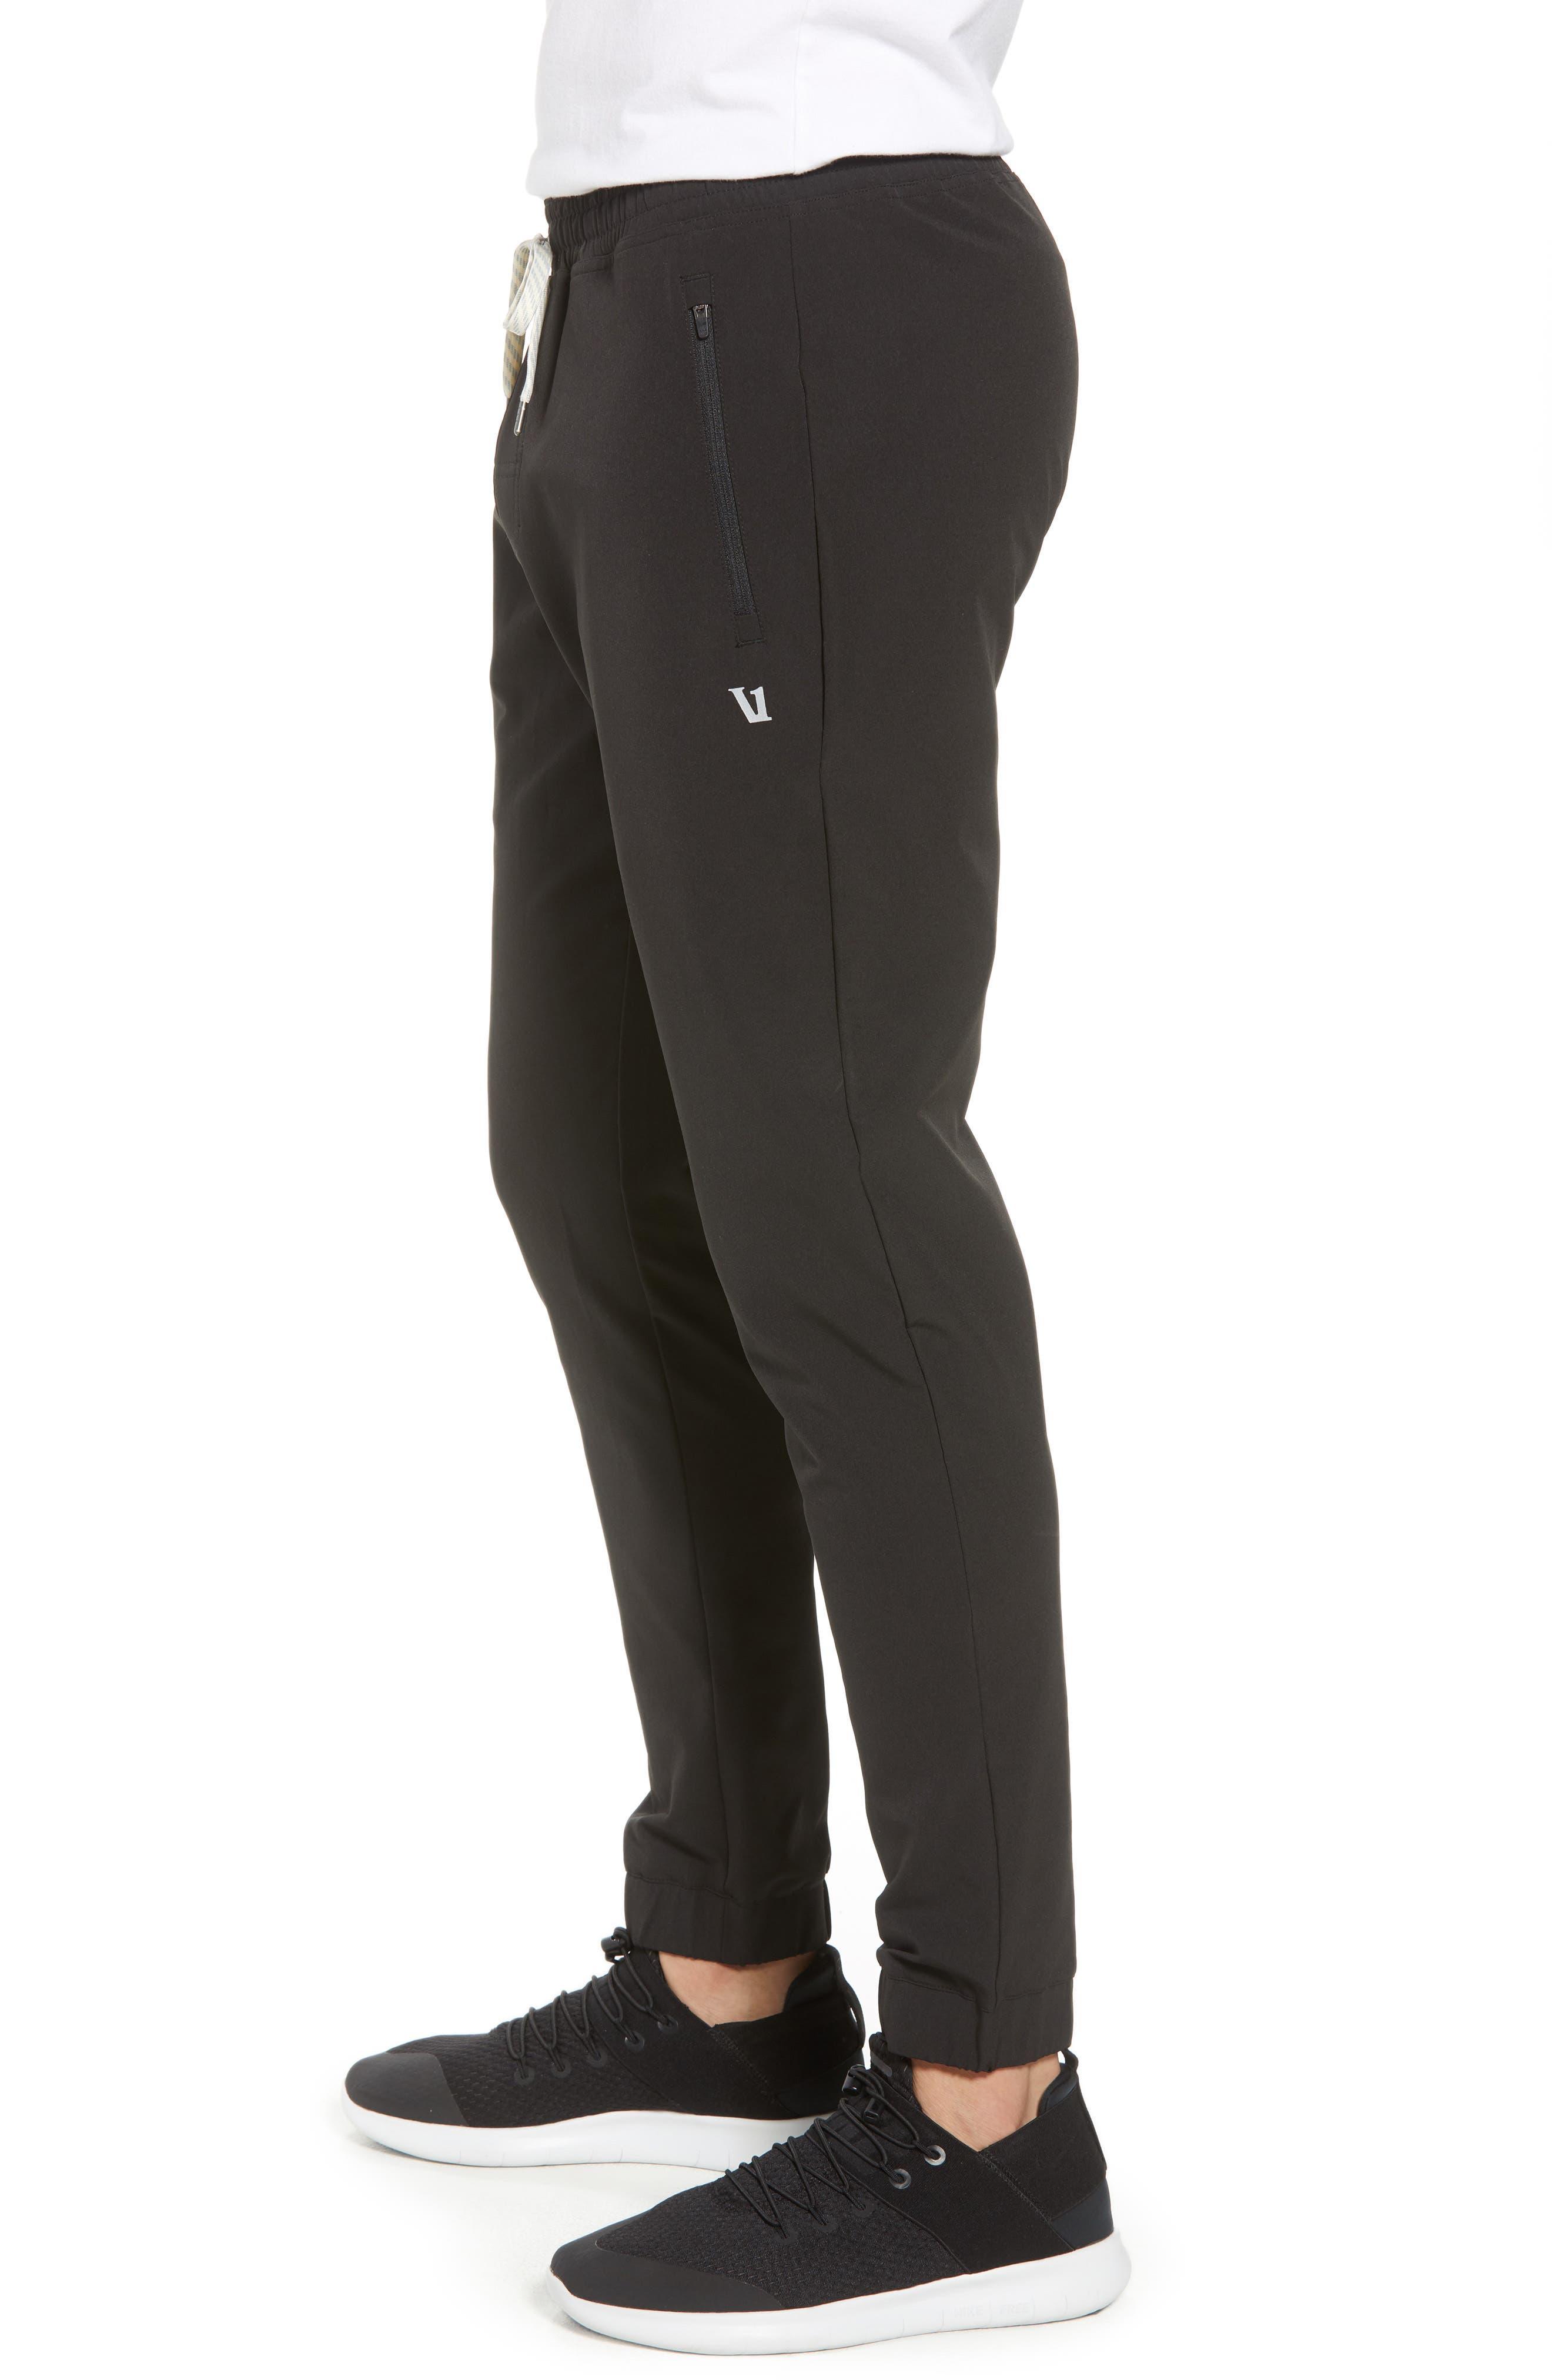 Transit Jogger Pants,                             Alternate thumbnail 3, color,                             BLACK